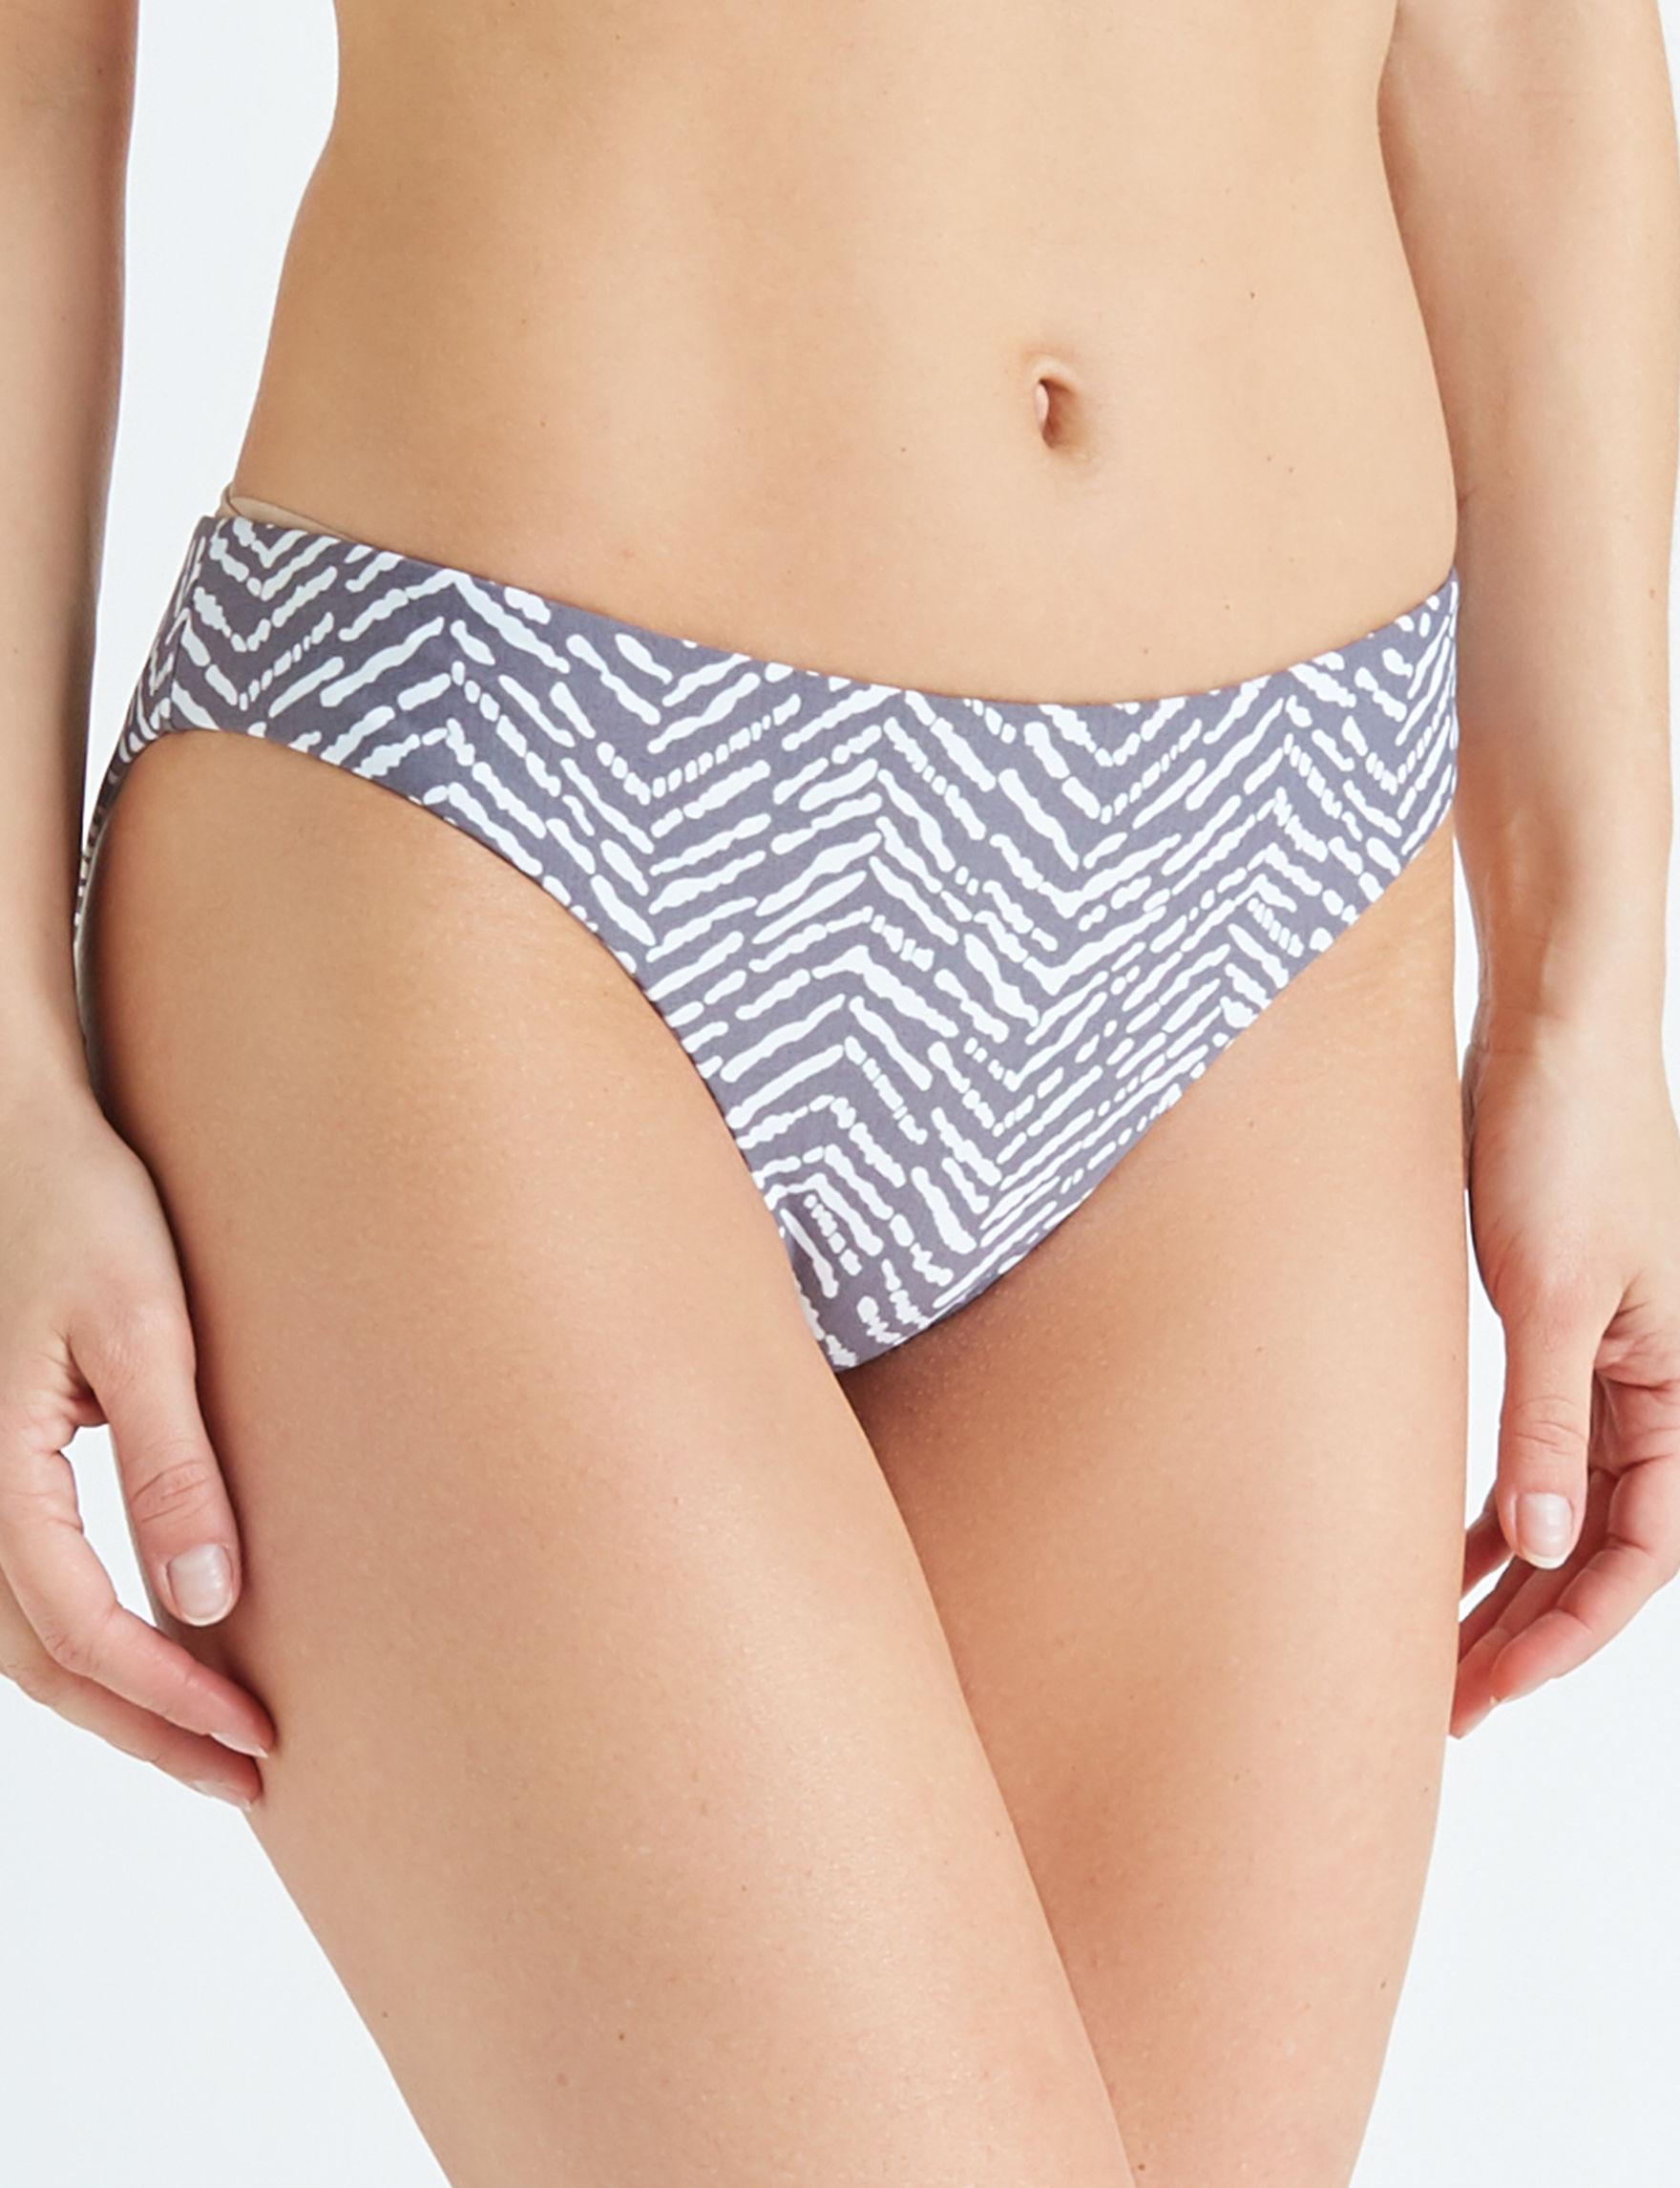 Polka Dot Grey / White Swimsuit Bottoms Hipster